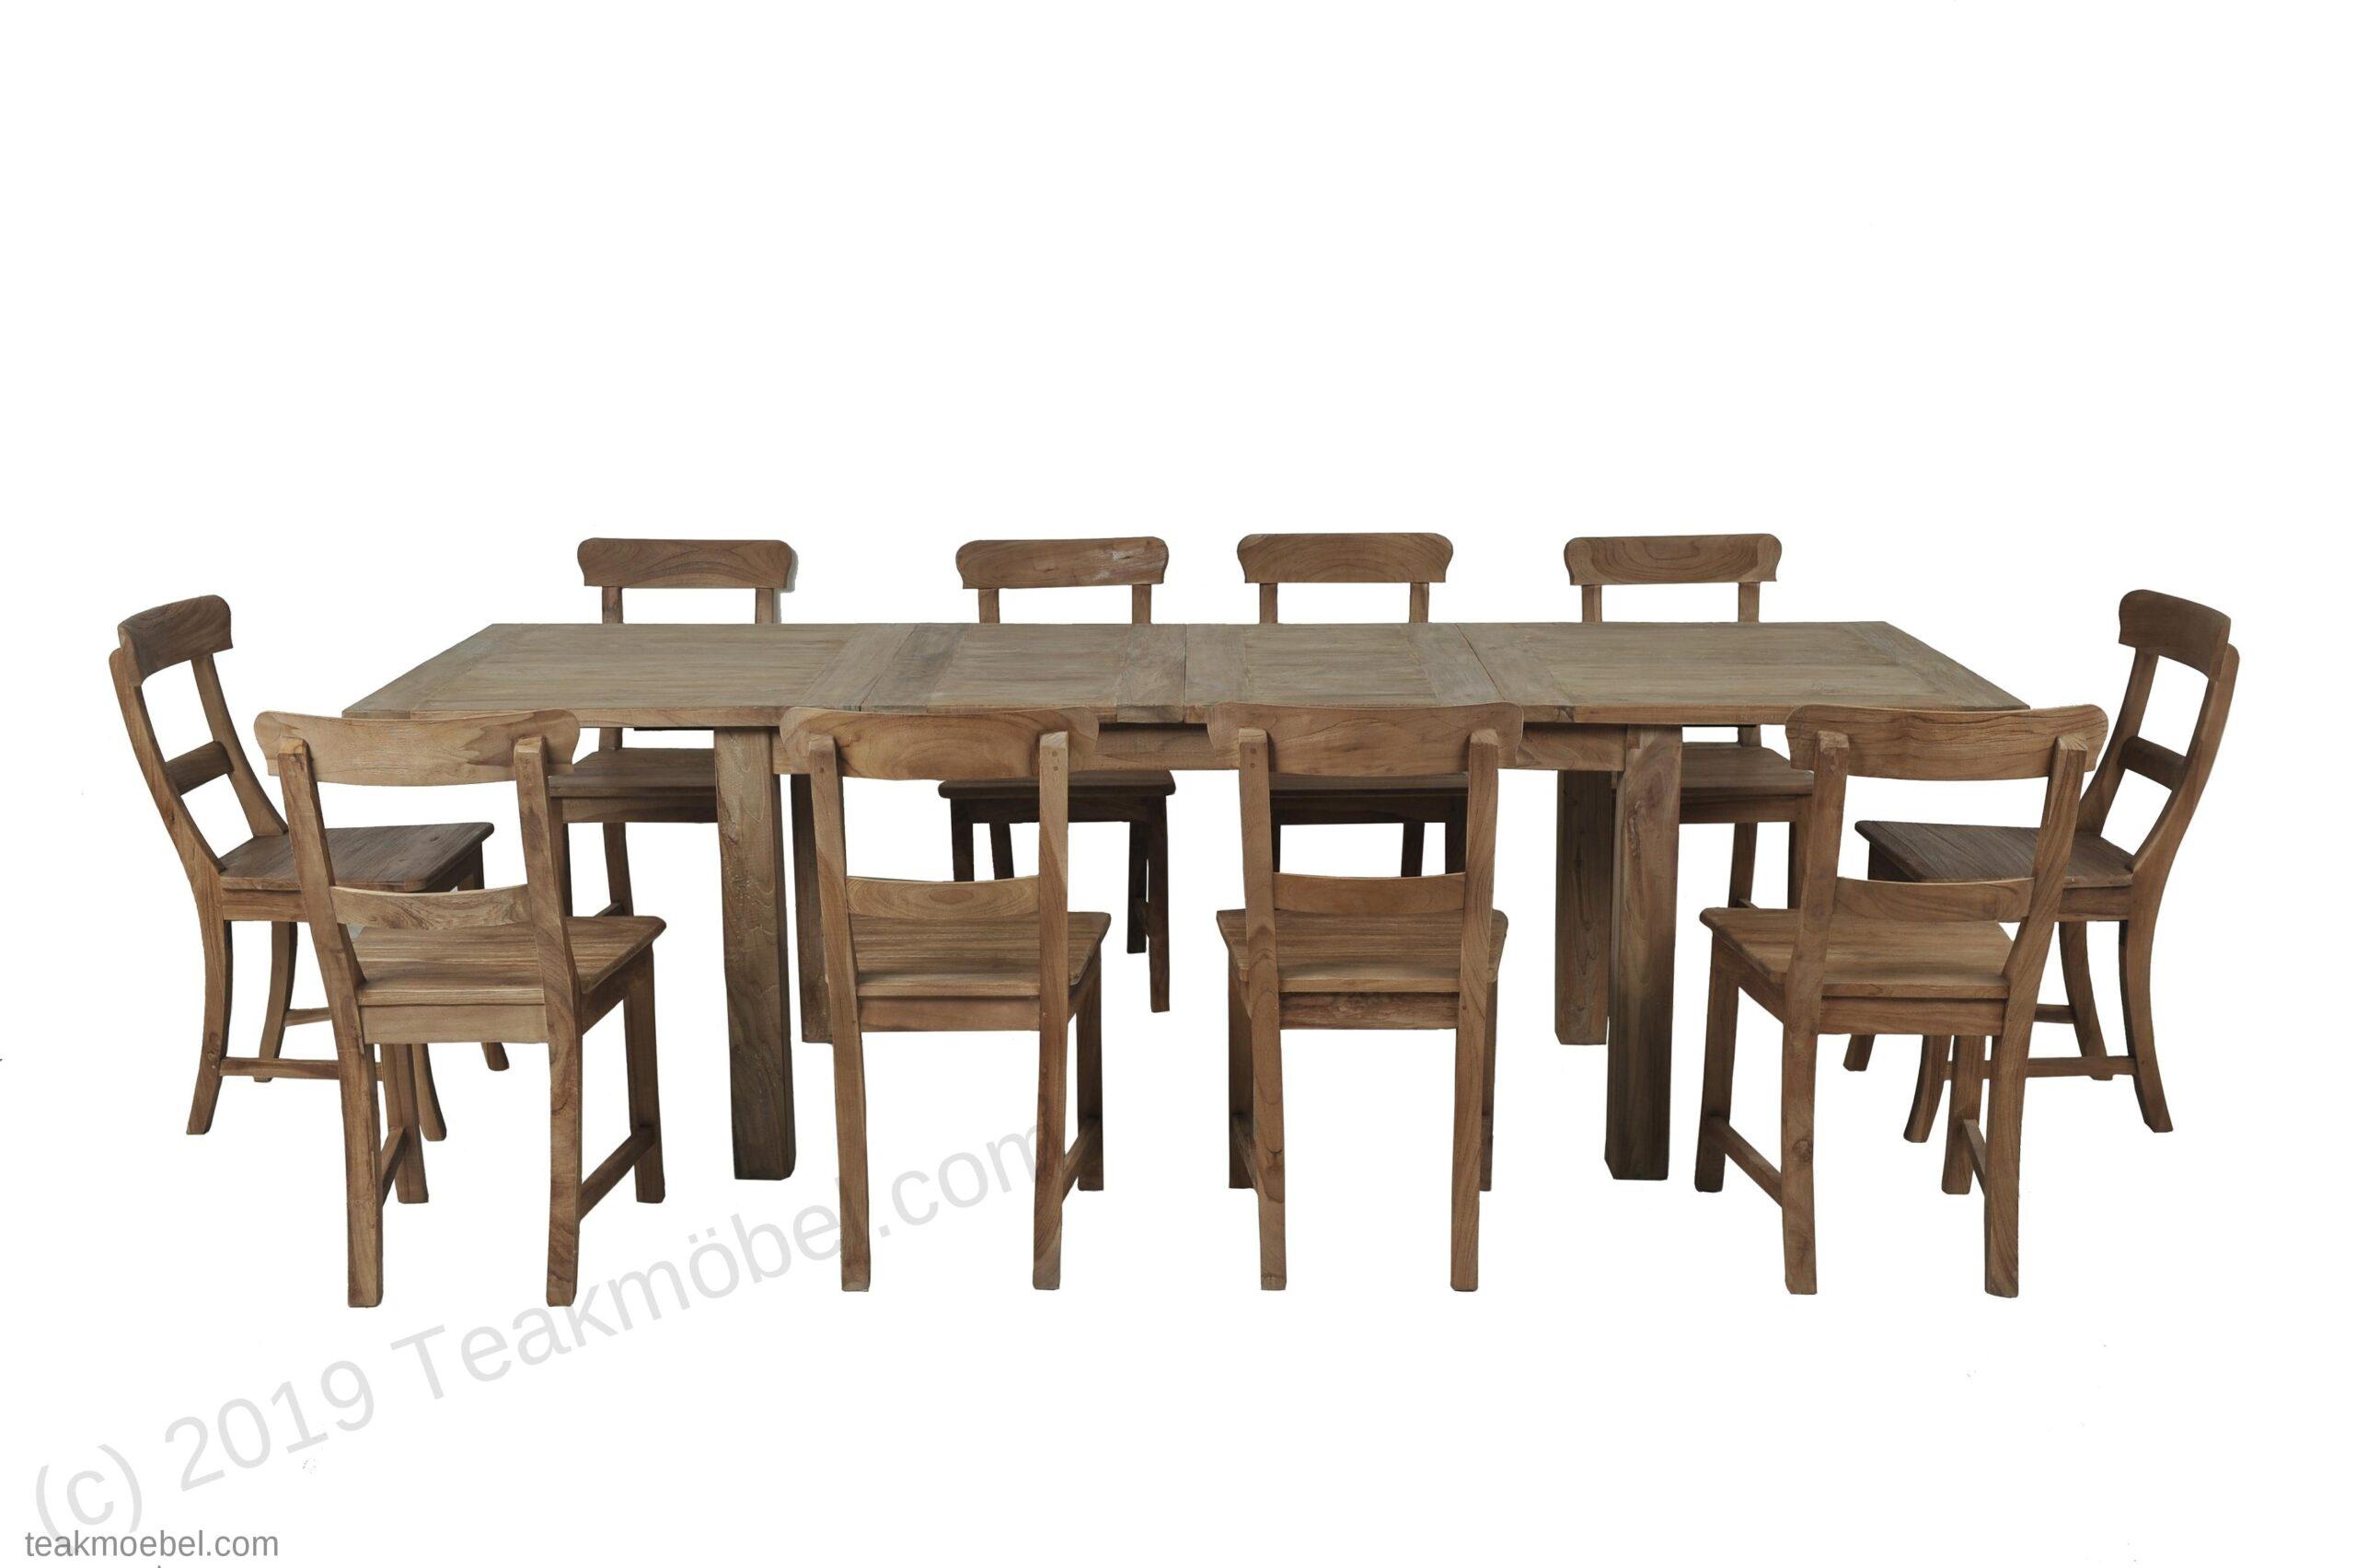 Full Size of Esstisch Stühle Teak Ausziehbar 160 210 260x90 10 Sthle Teakmbelcom Massiv Shabby Oval Landhaus Mit Baumkante Rund Garten Stapelstühle Landhausstil Ovaler Esstische Esstisch Stühle